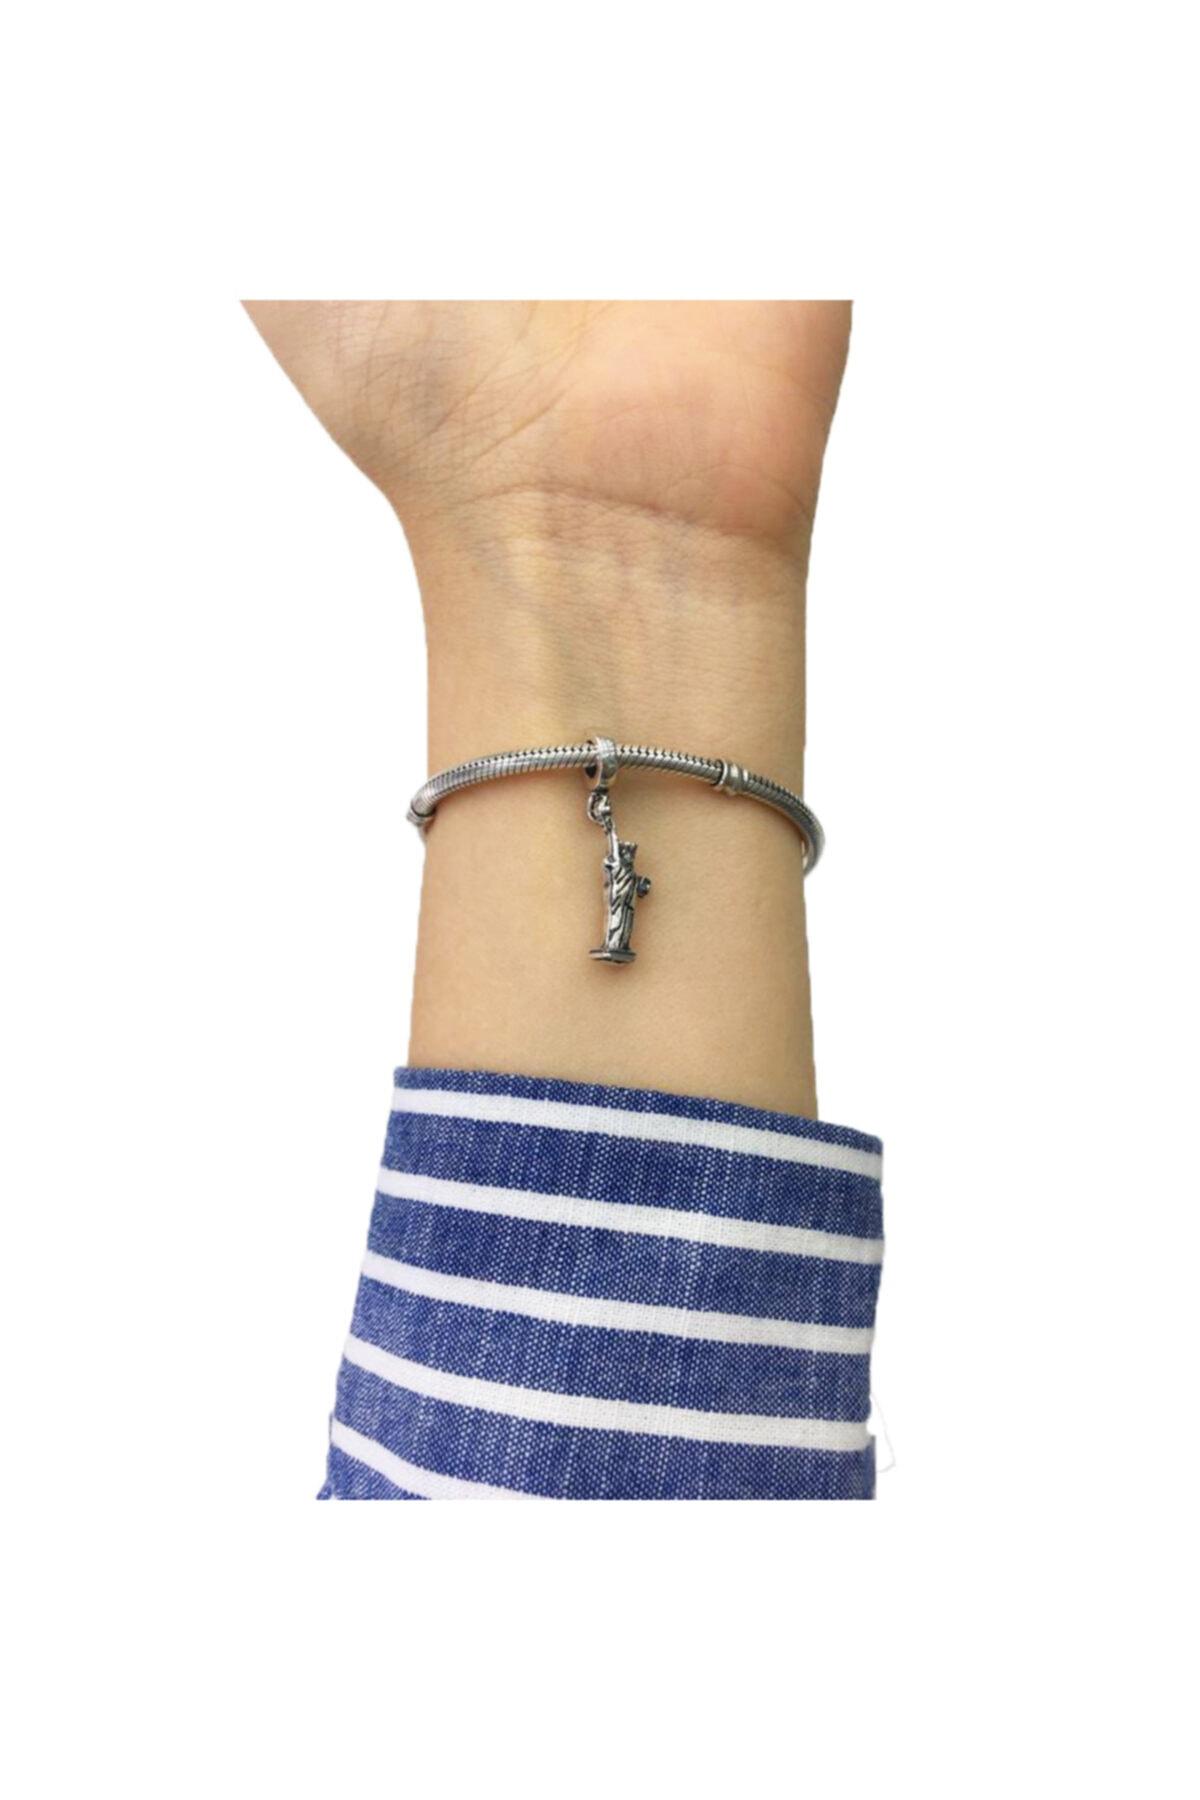 My Story New York Özgürlük Heykeli Sallantılı Pandora Bilekliklerine Uyumlu Gümüş Charm